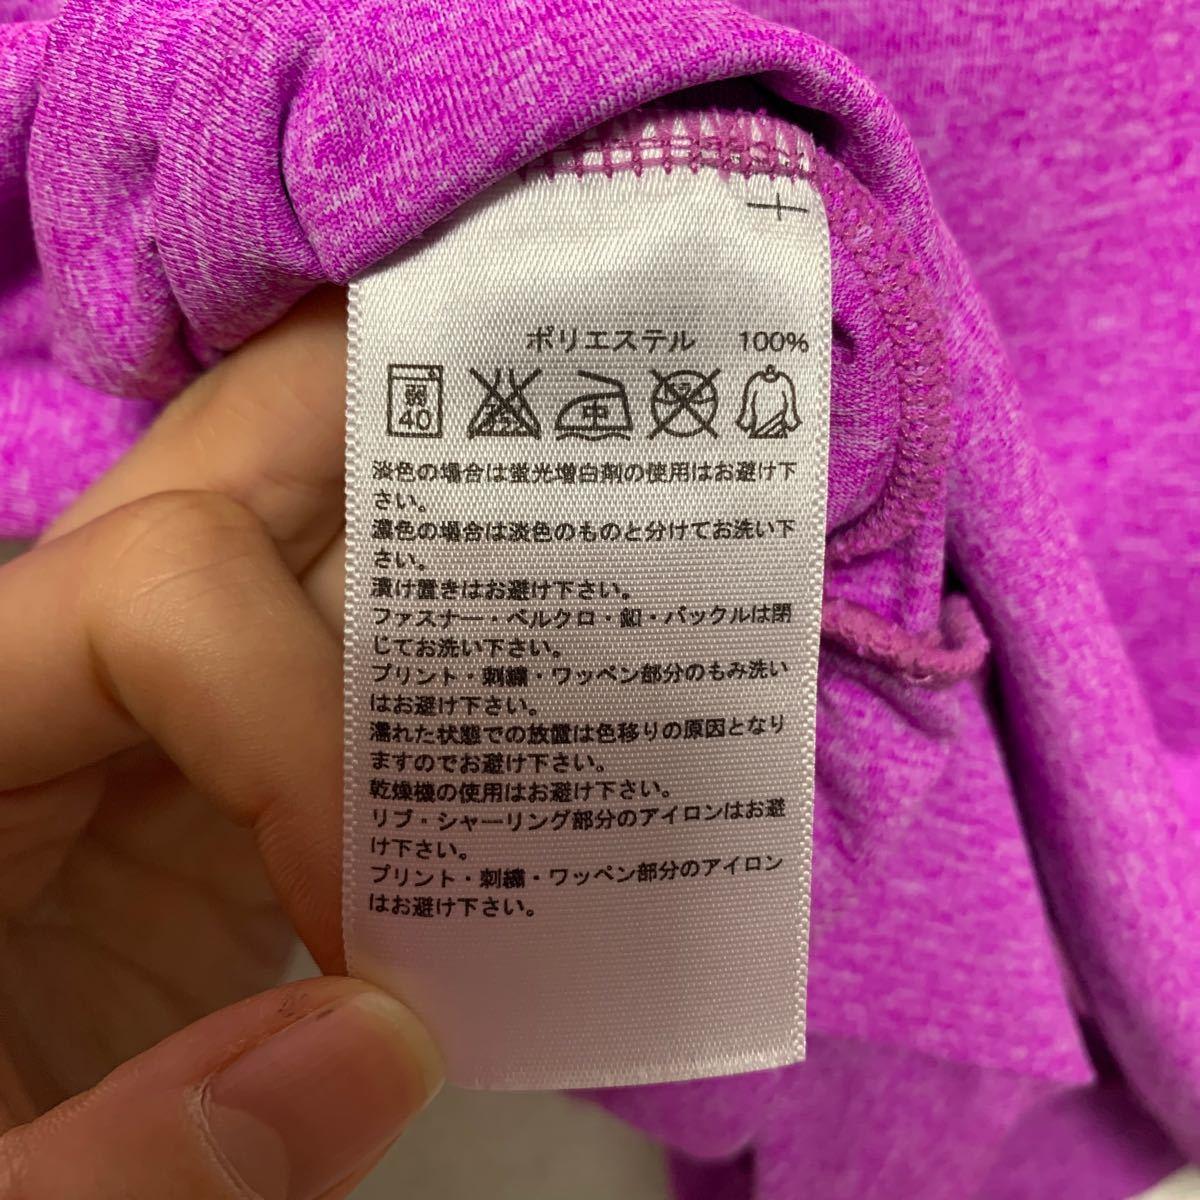 ランニングウェア ウェア スポーツ adidas アディダス ほぼ未使用 美品 トップス カットソー 半袖 袖なし Lサイズ